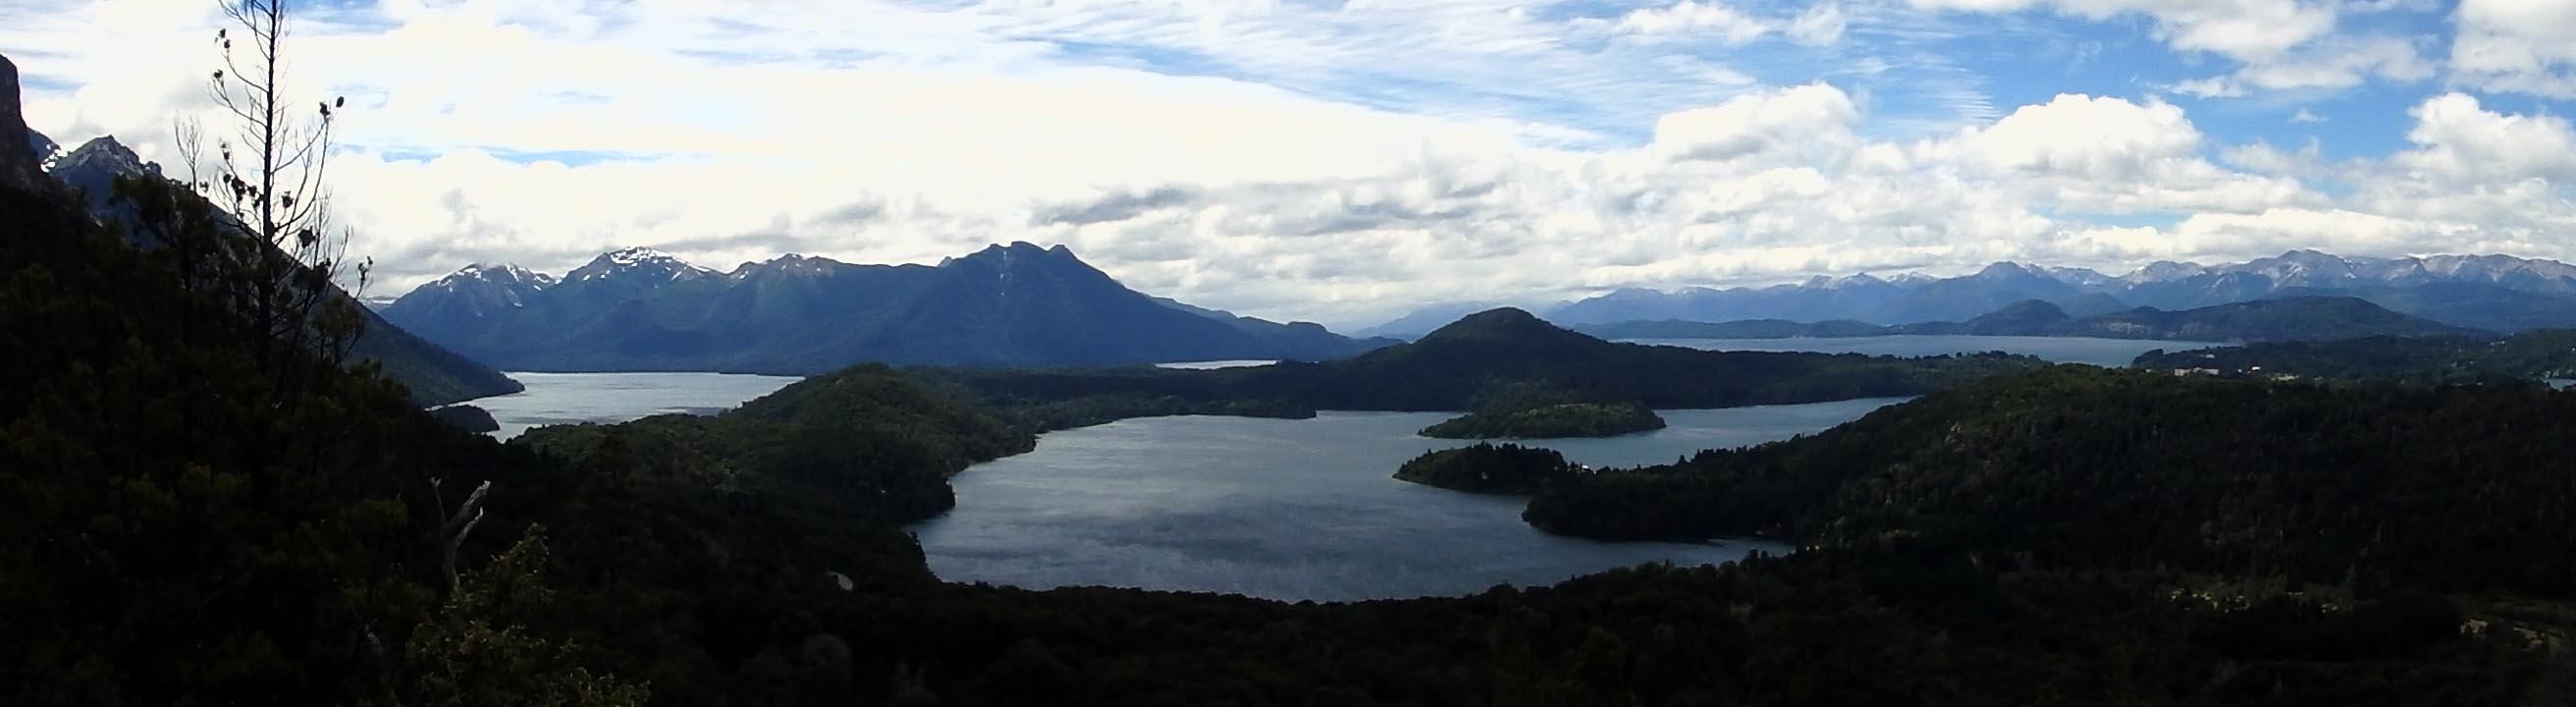 180101_Bariloche-Cerro Lopez91